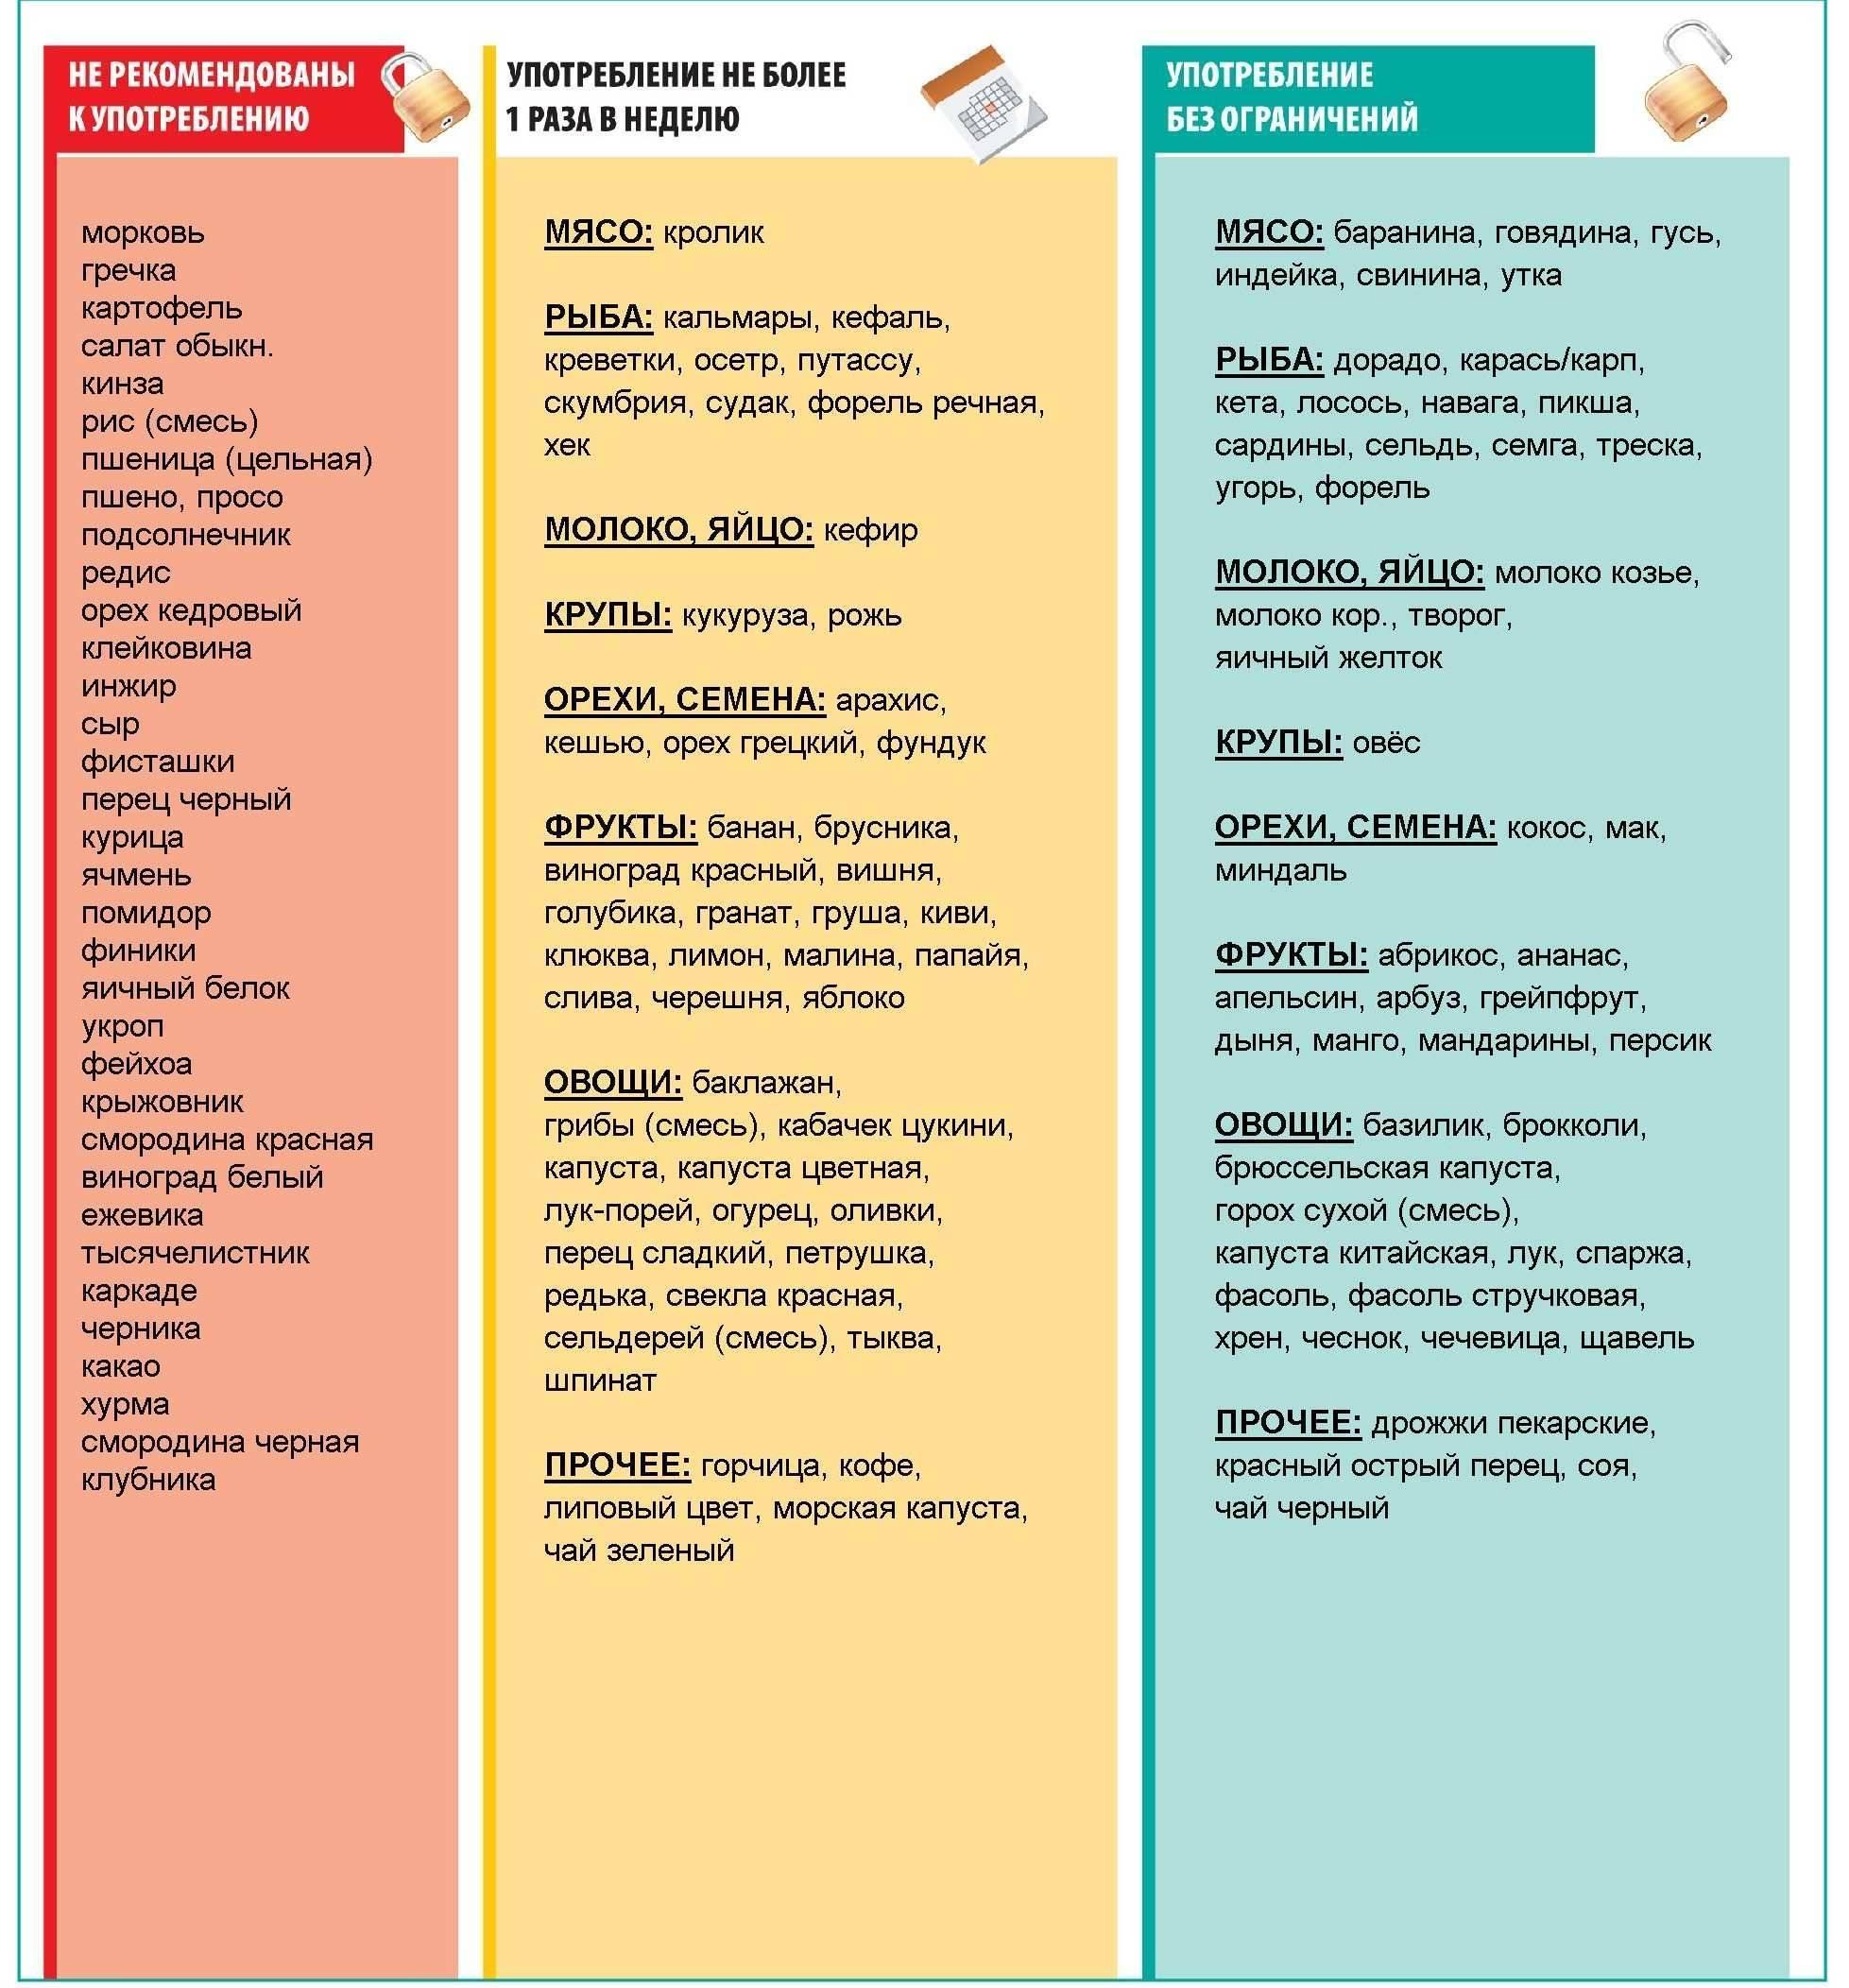 Диета при аллергическом дерматите: запрещенные и разрешенные продукты